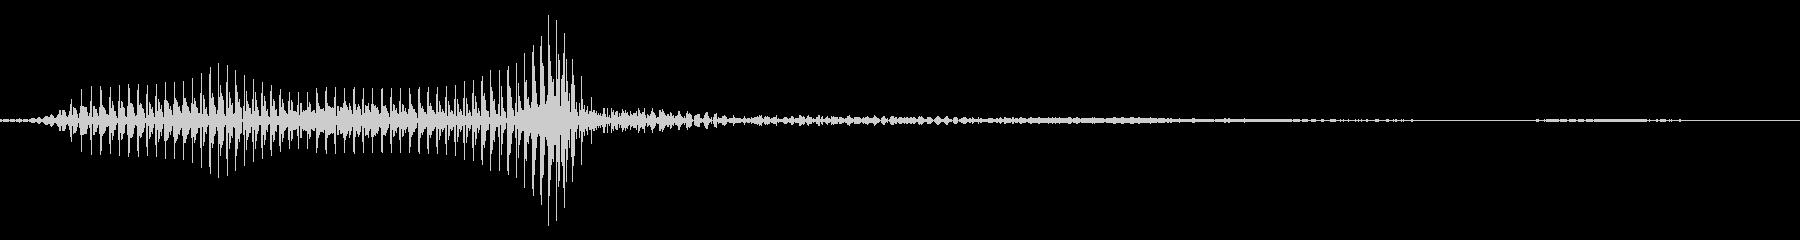 おもちゃの笛と音(パプ)の未再生の波形